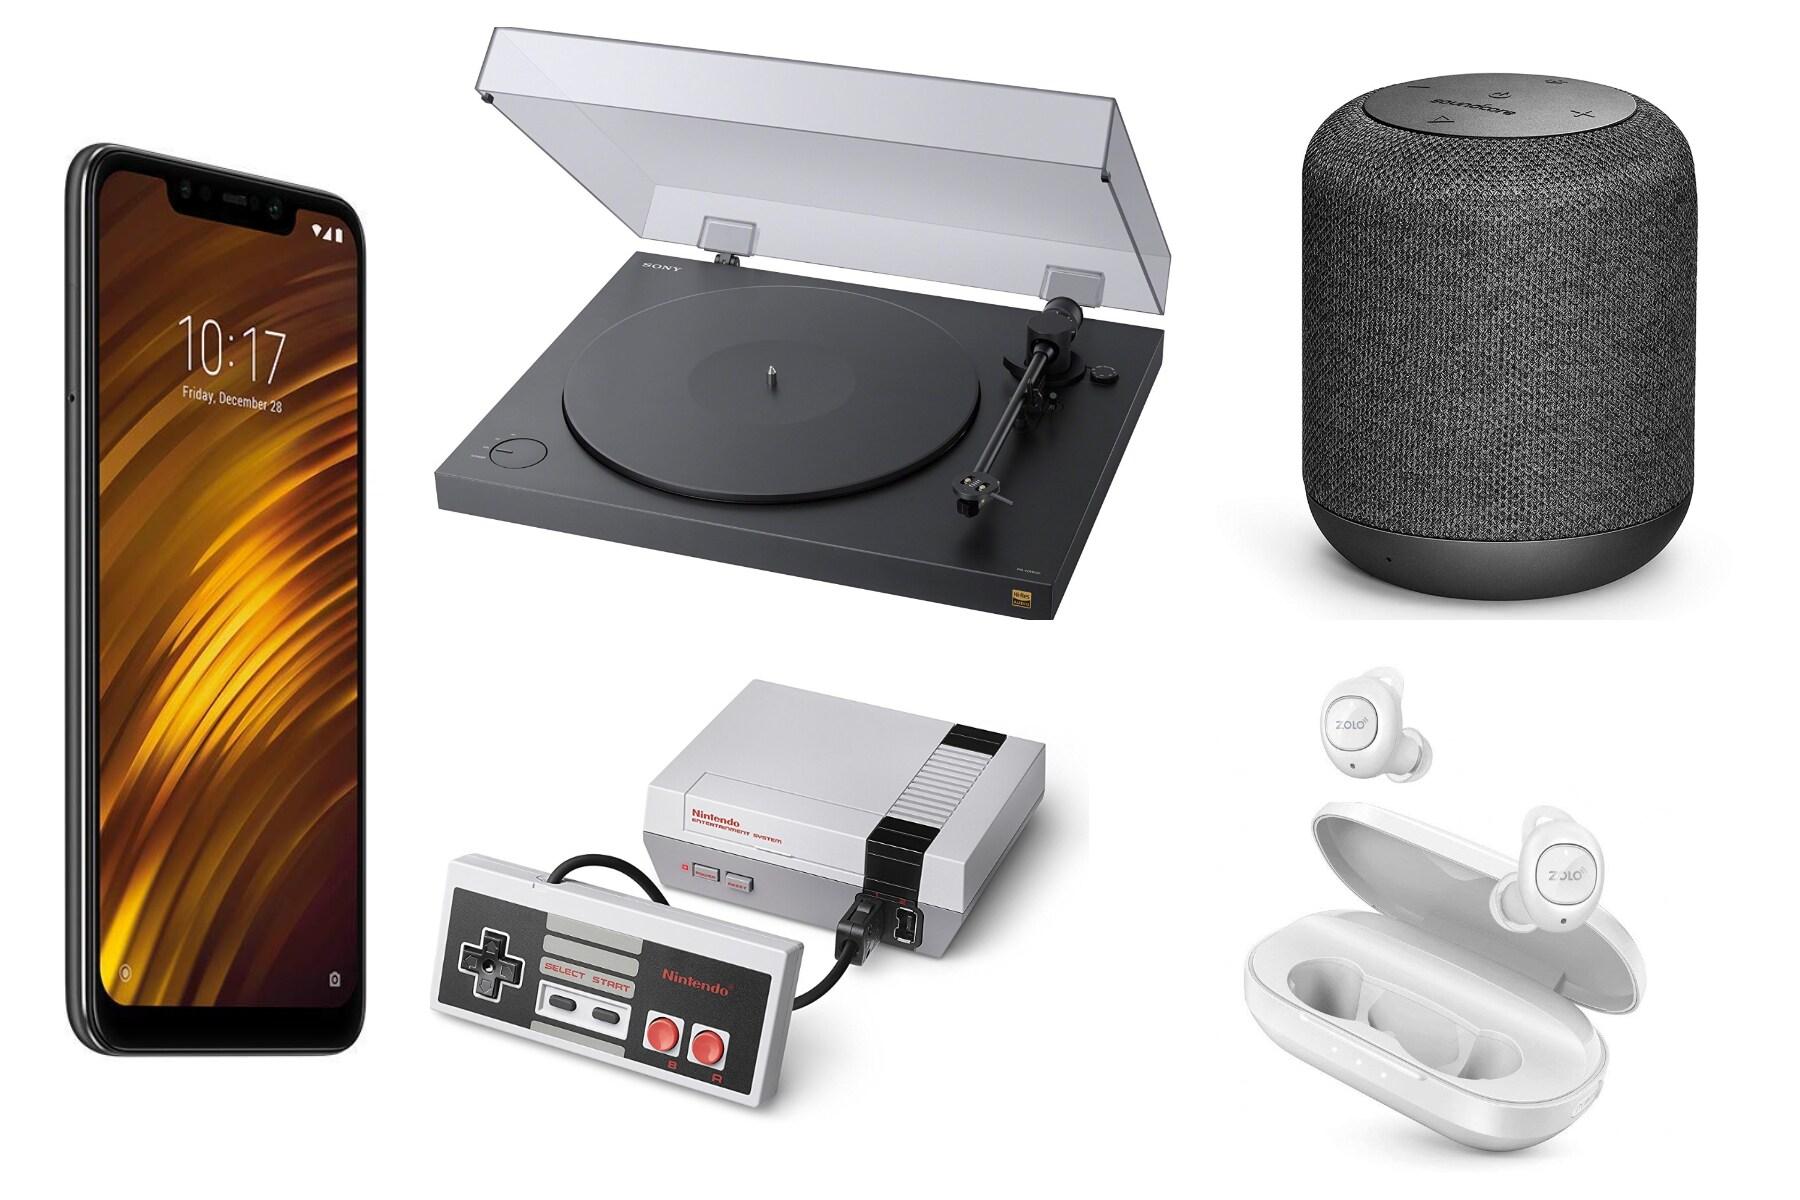 Offerte Amazon: Xiaomi Mi MIX 2S, notebook, cuffie USB-C, UE ROLL 2 e tanto altro - image migliori-offerte-amazon-12-settembre-2018 on http://www.zxbyte.com